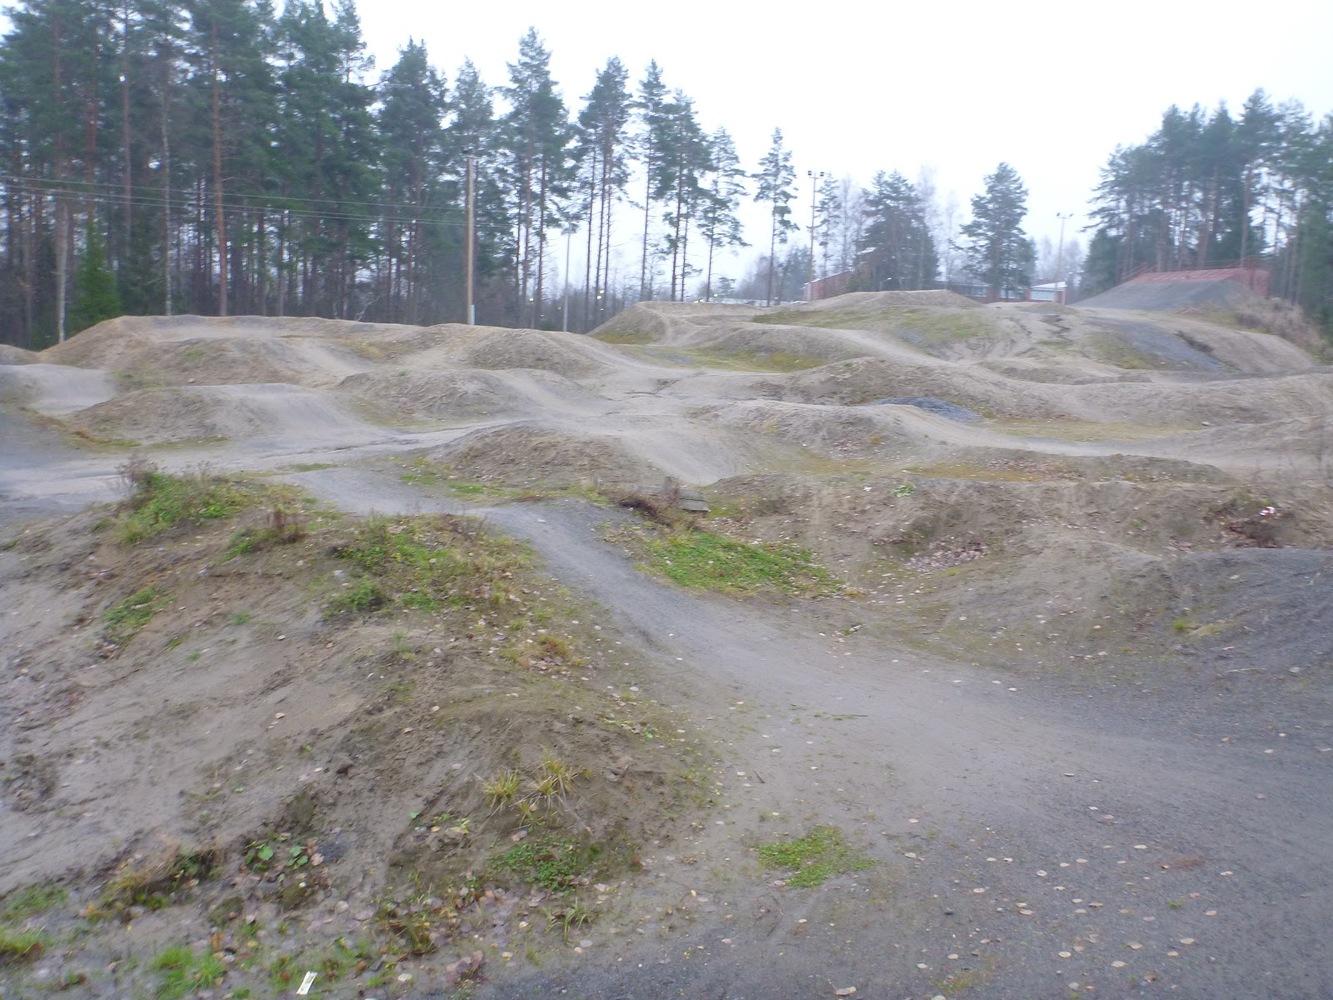 Pienille polkupyöräilijöille temppupaikka tyhjennetystä leikkipaikasta